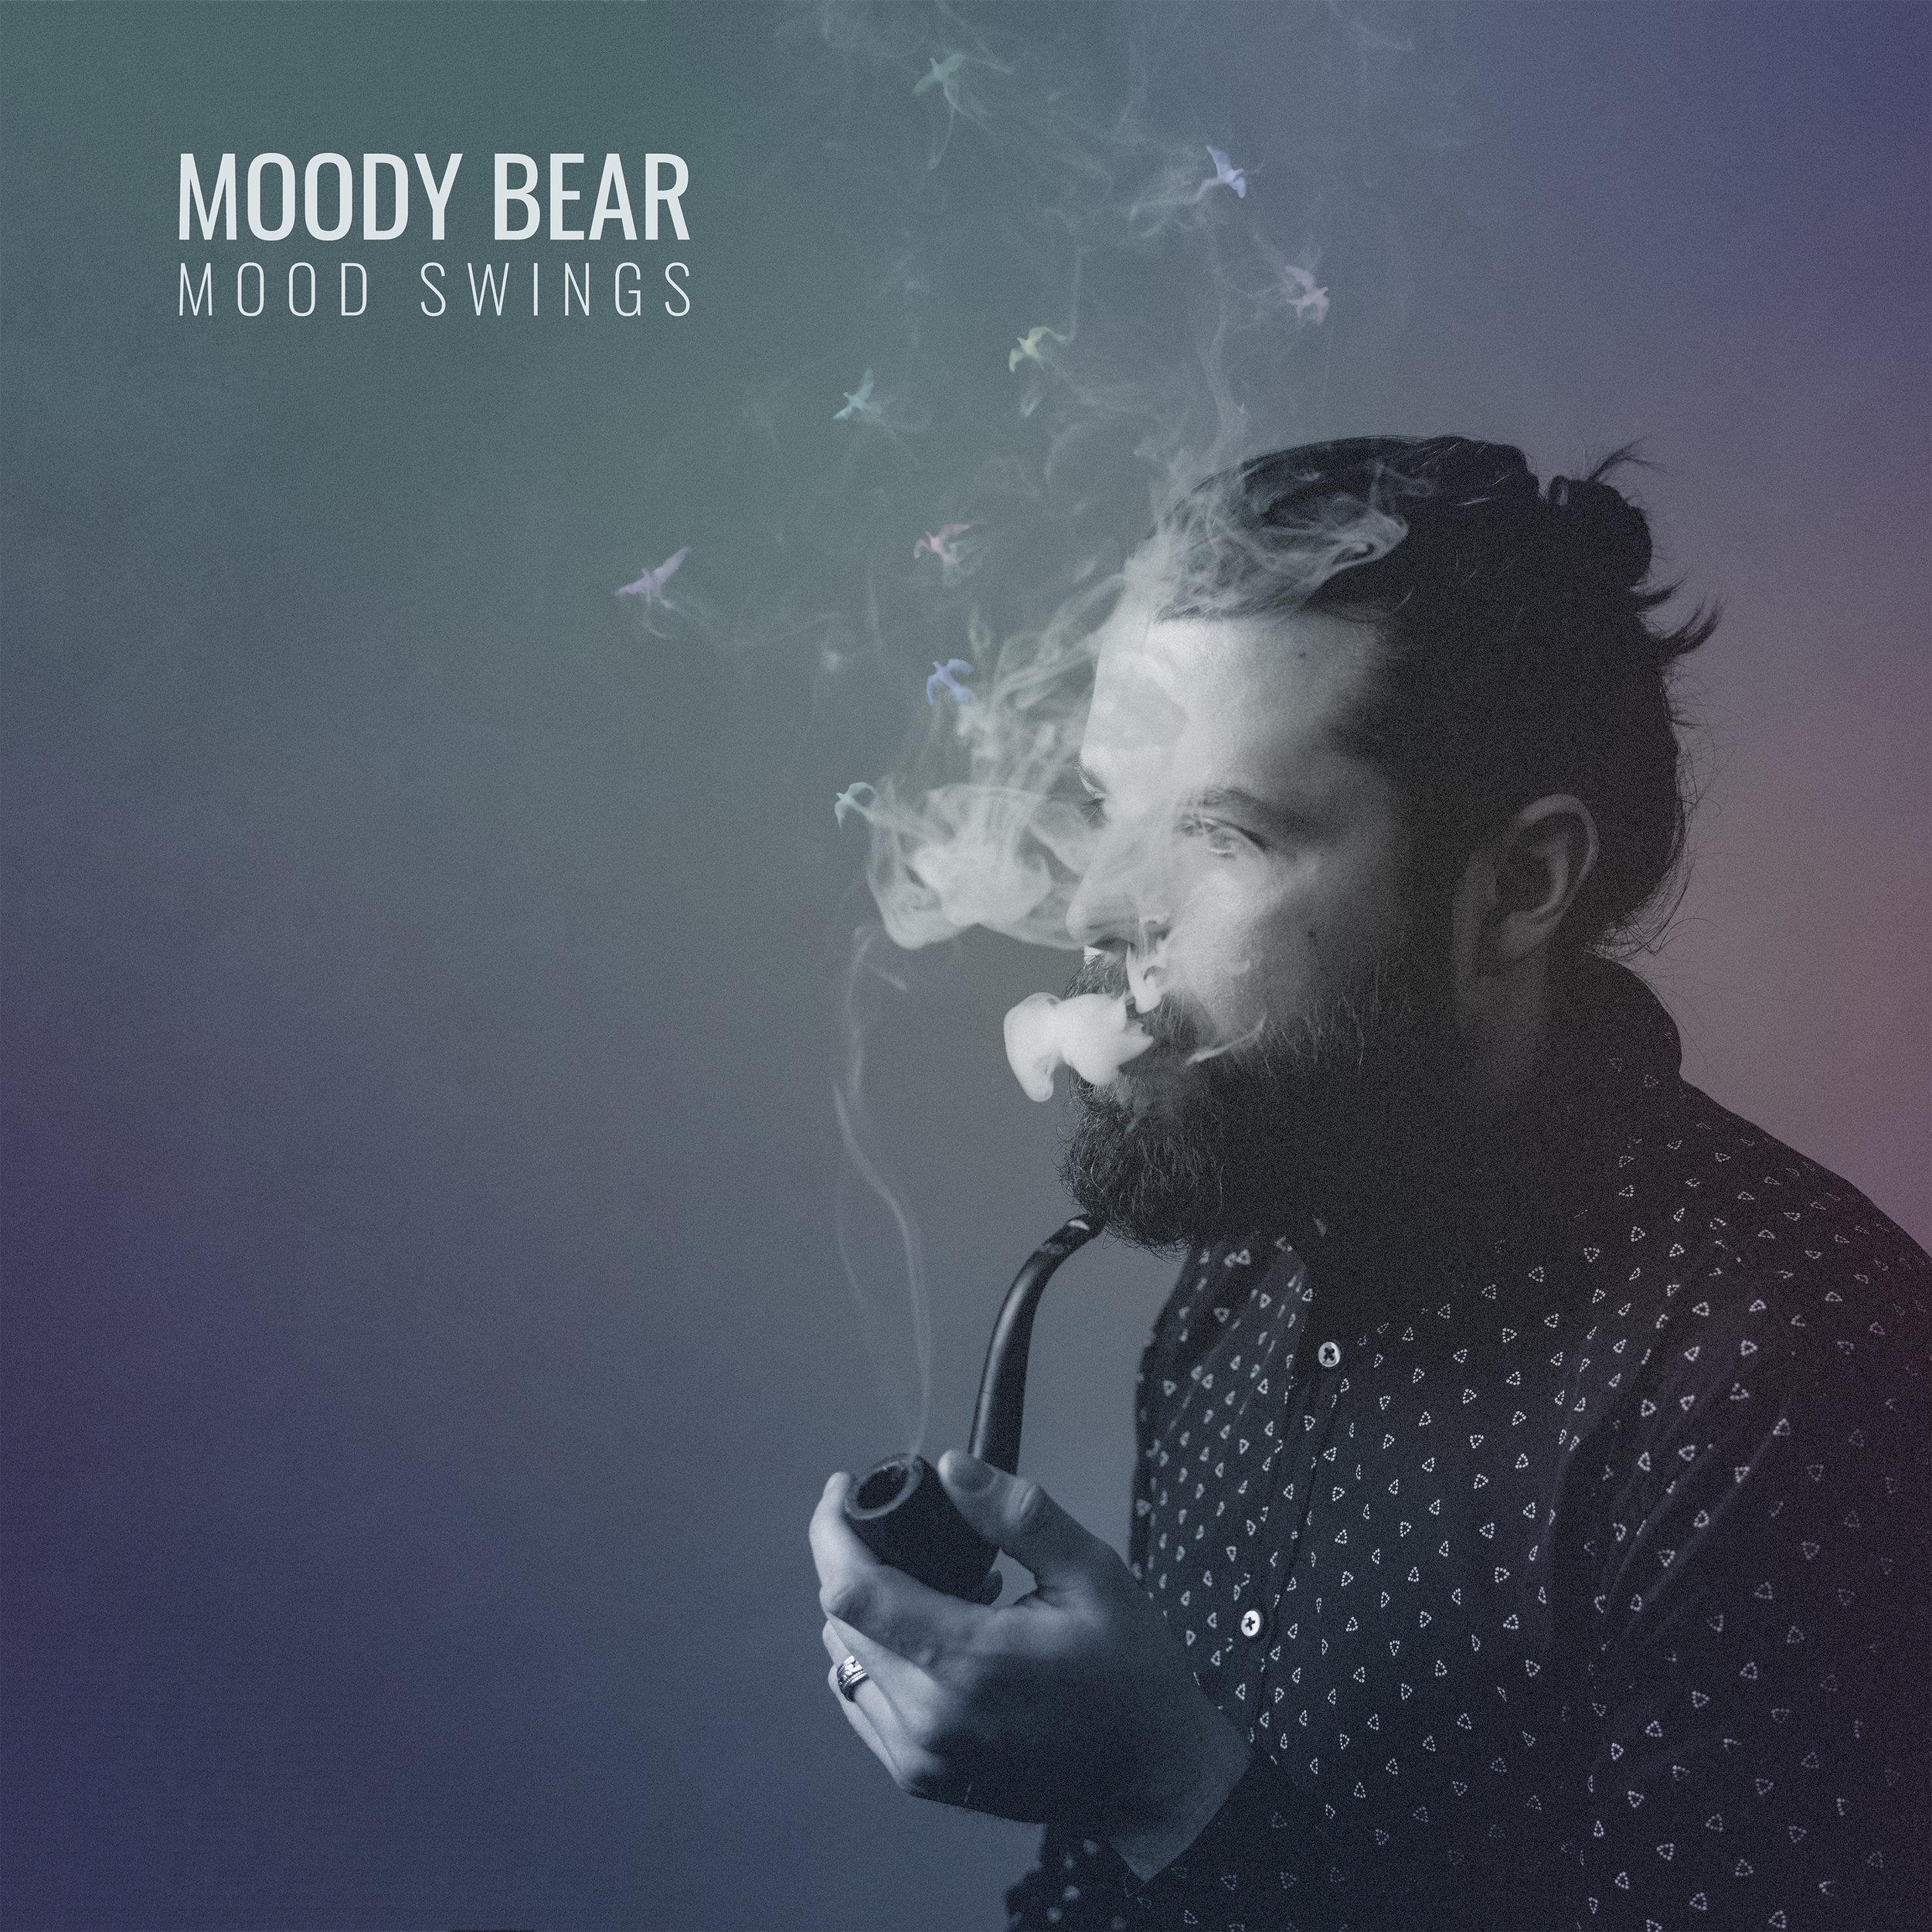 MOOD SWINGS - Moody Bear's debut album, Mood Swings, is now streaming everywhere!